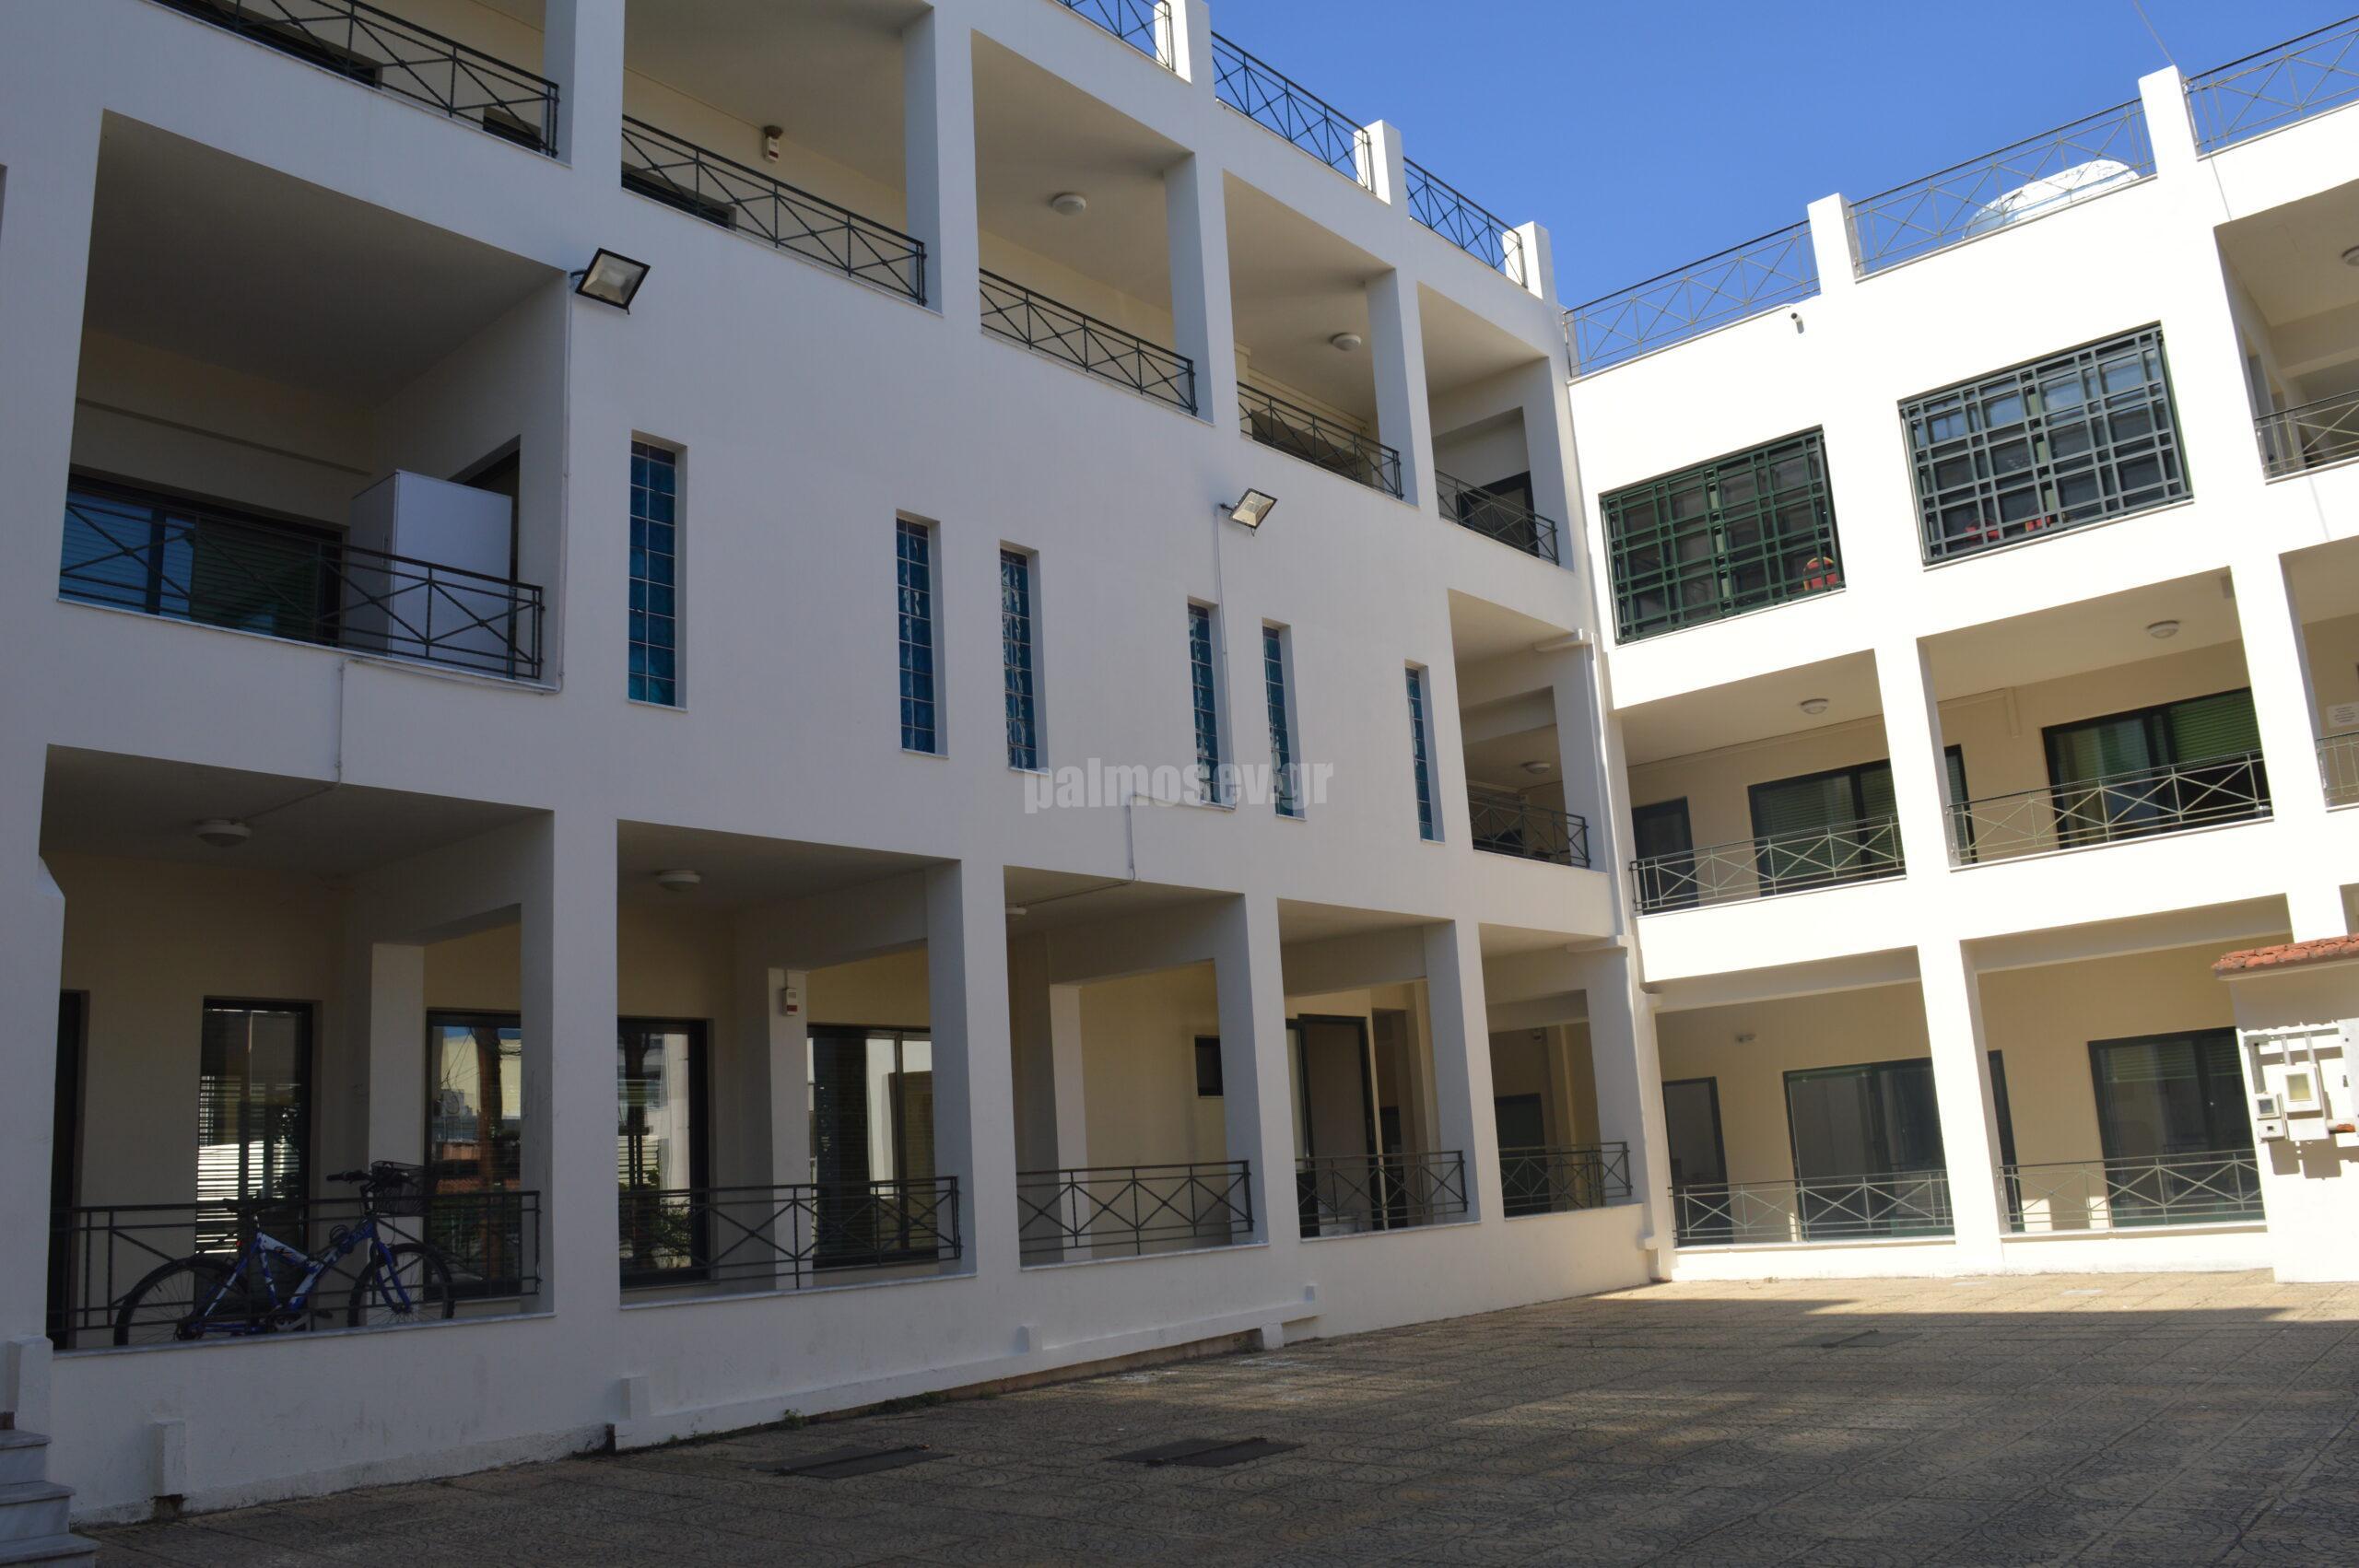 Η πρώτη Συνεδρίαση με τηλεδιάσκεψη του Δ.Σ. του Δήμου Ιστιαίας – Αιδηψού στις 30 Νοεμβρίου